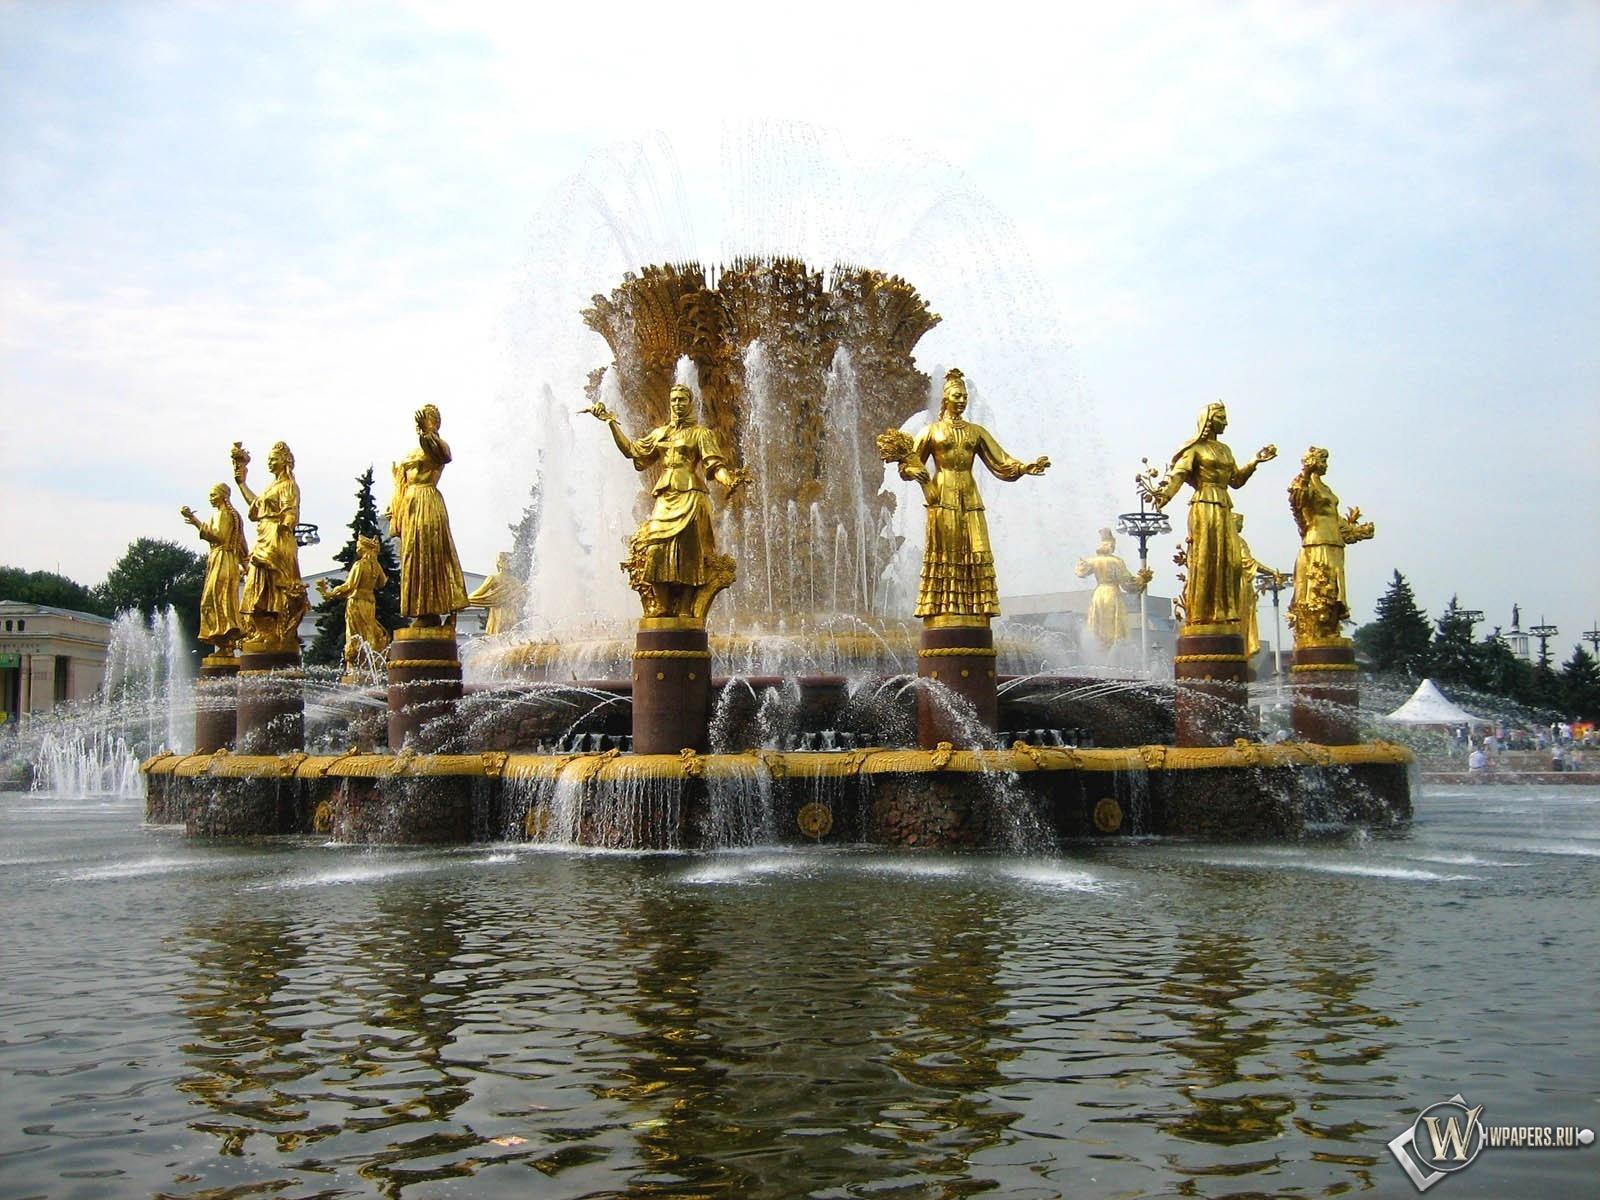 Фонтан в Санкт-Петербурге 1600x1200